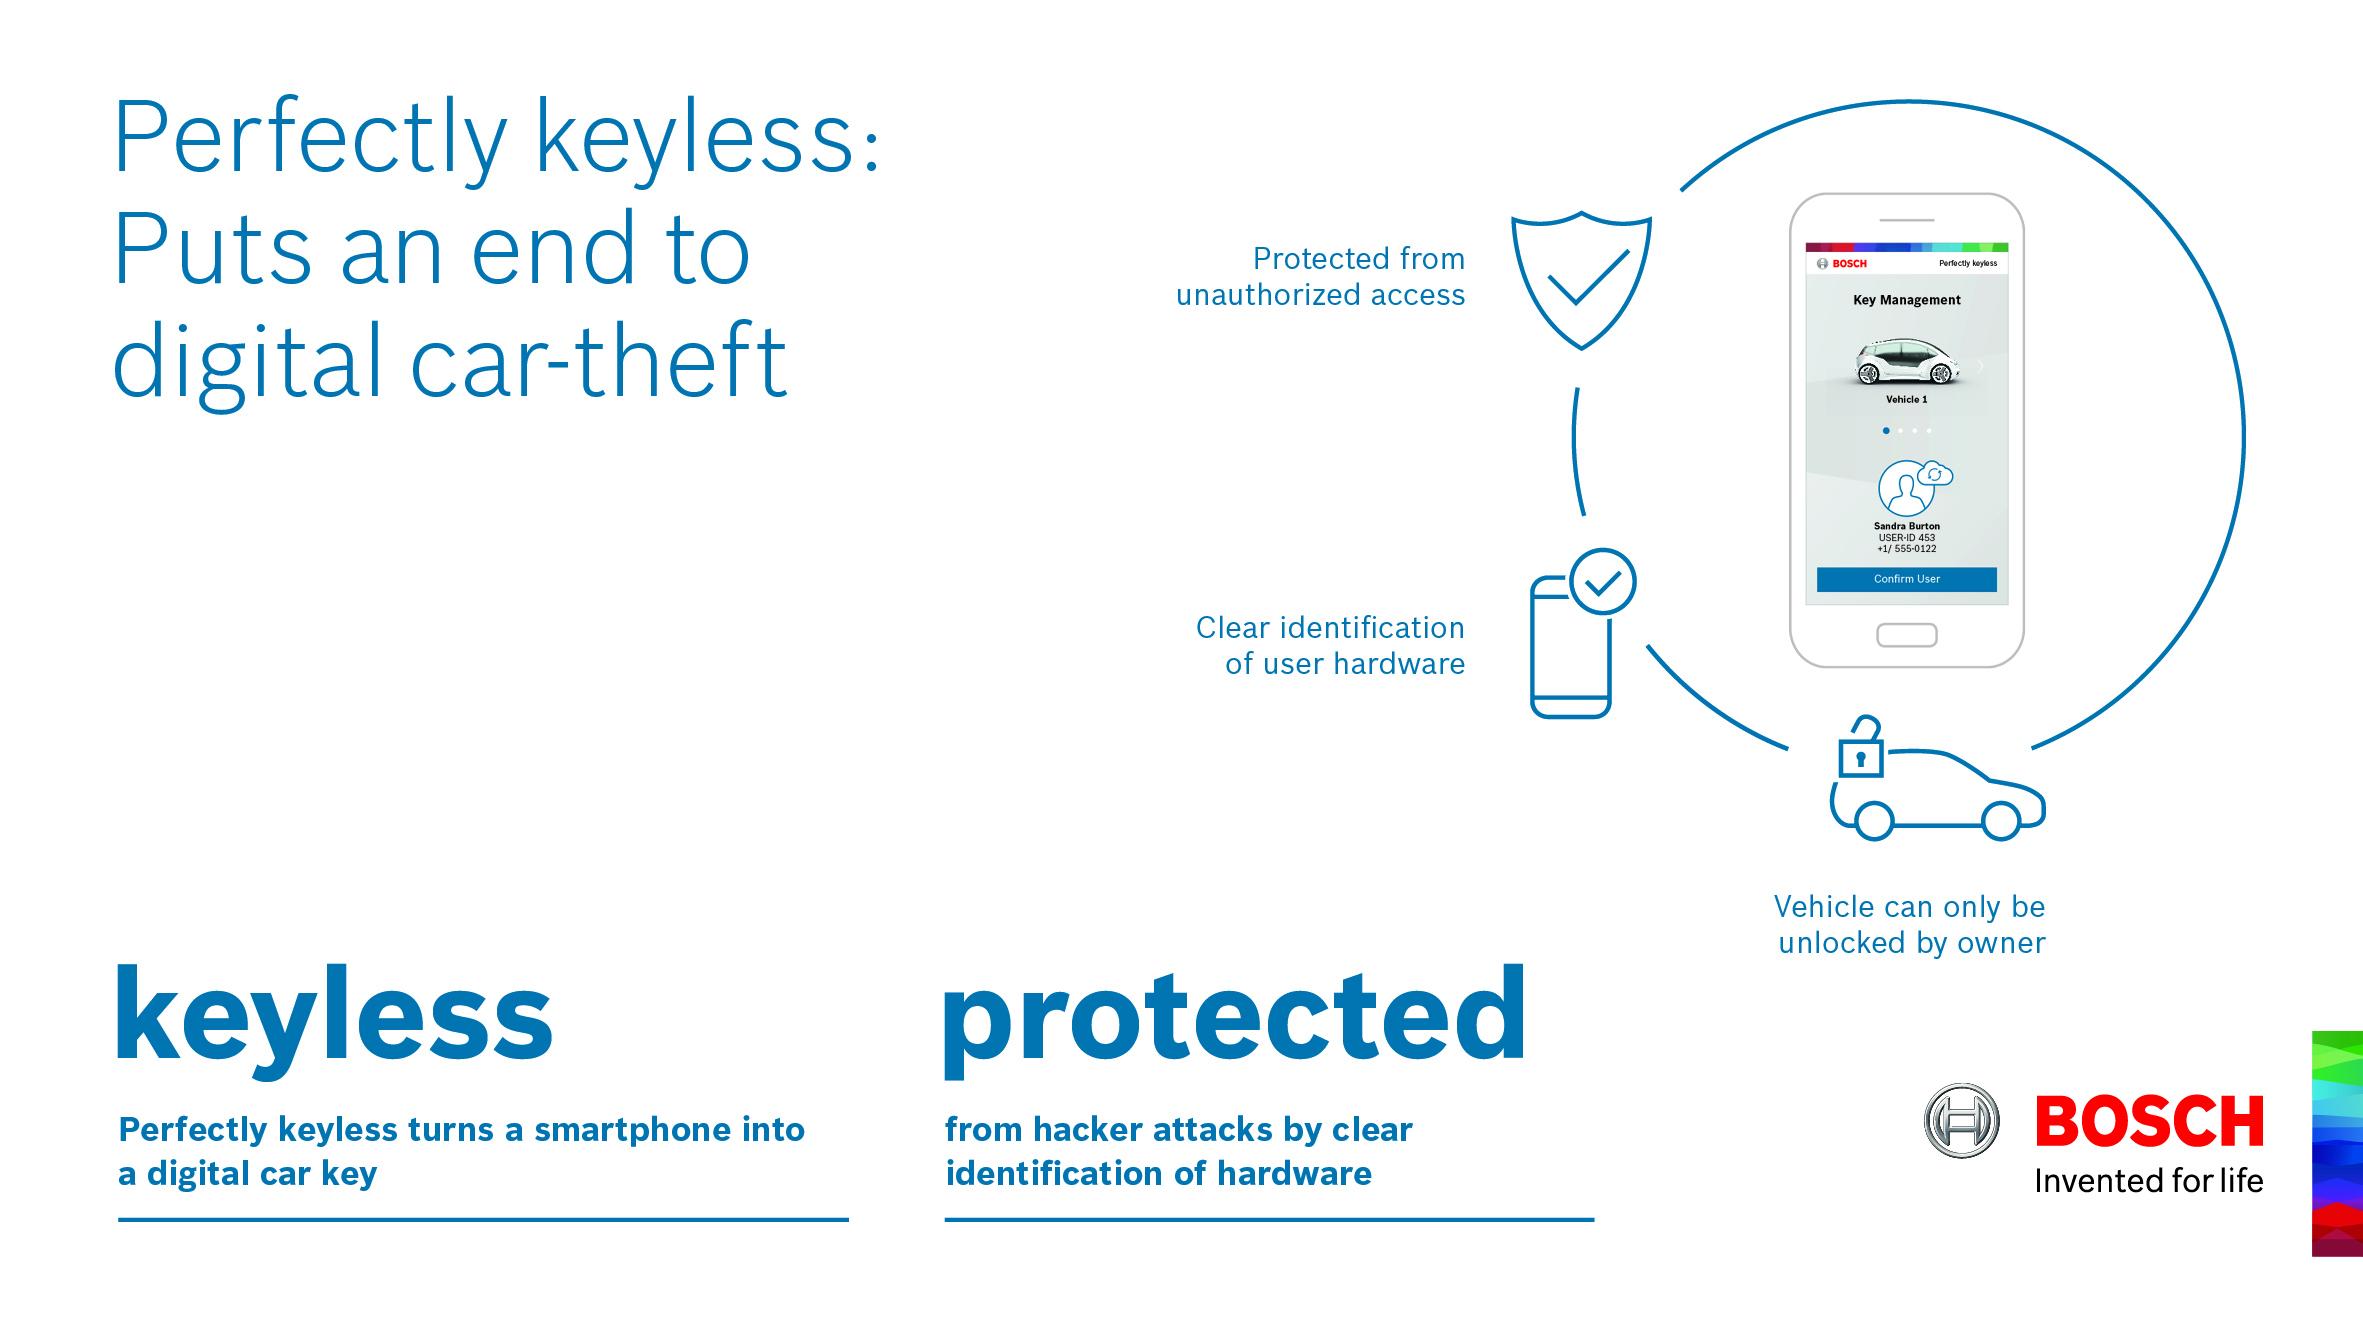 Bezpečná správa digitálnych kľúčov pre vozové parky zdieľaných vozidiel, automobilov a úžitkových vozidiel.